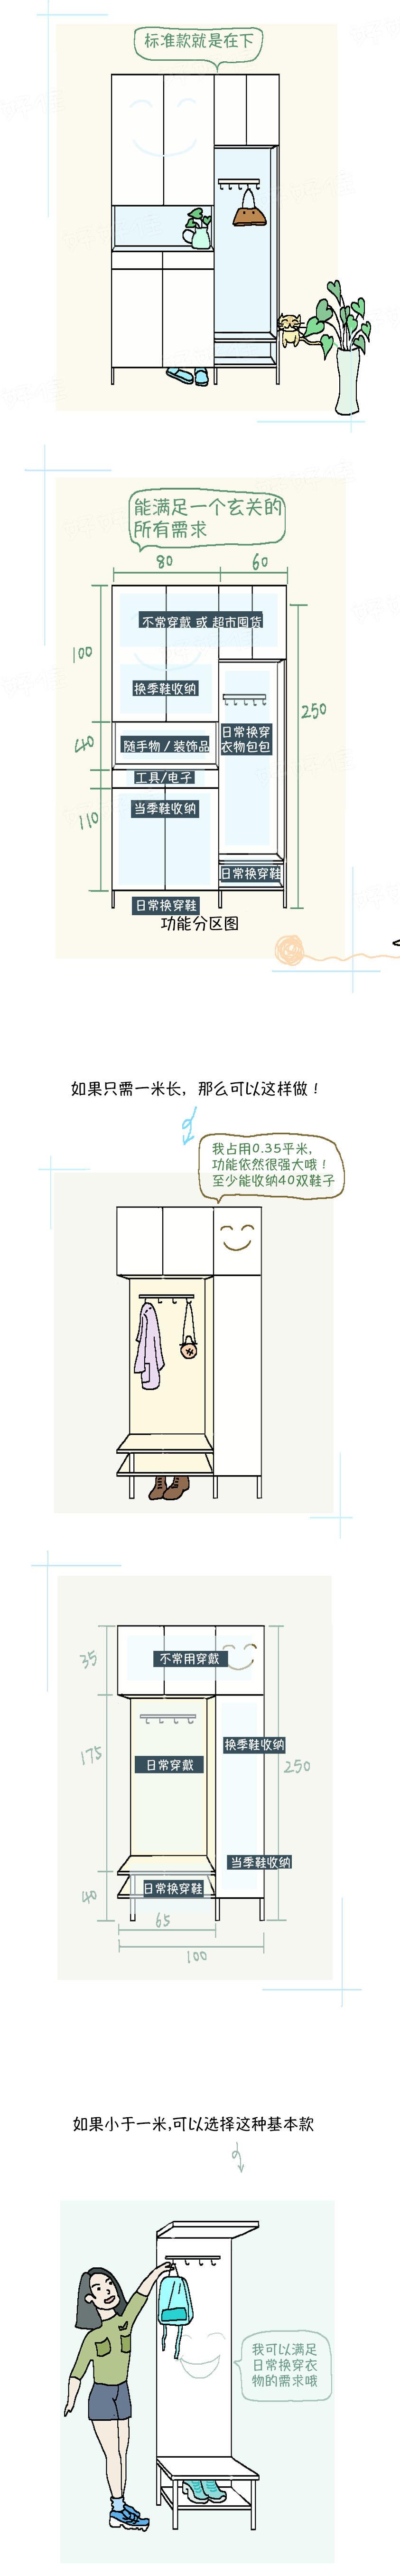 鞋柜设计.jpg